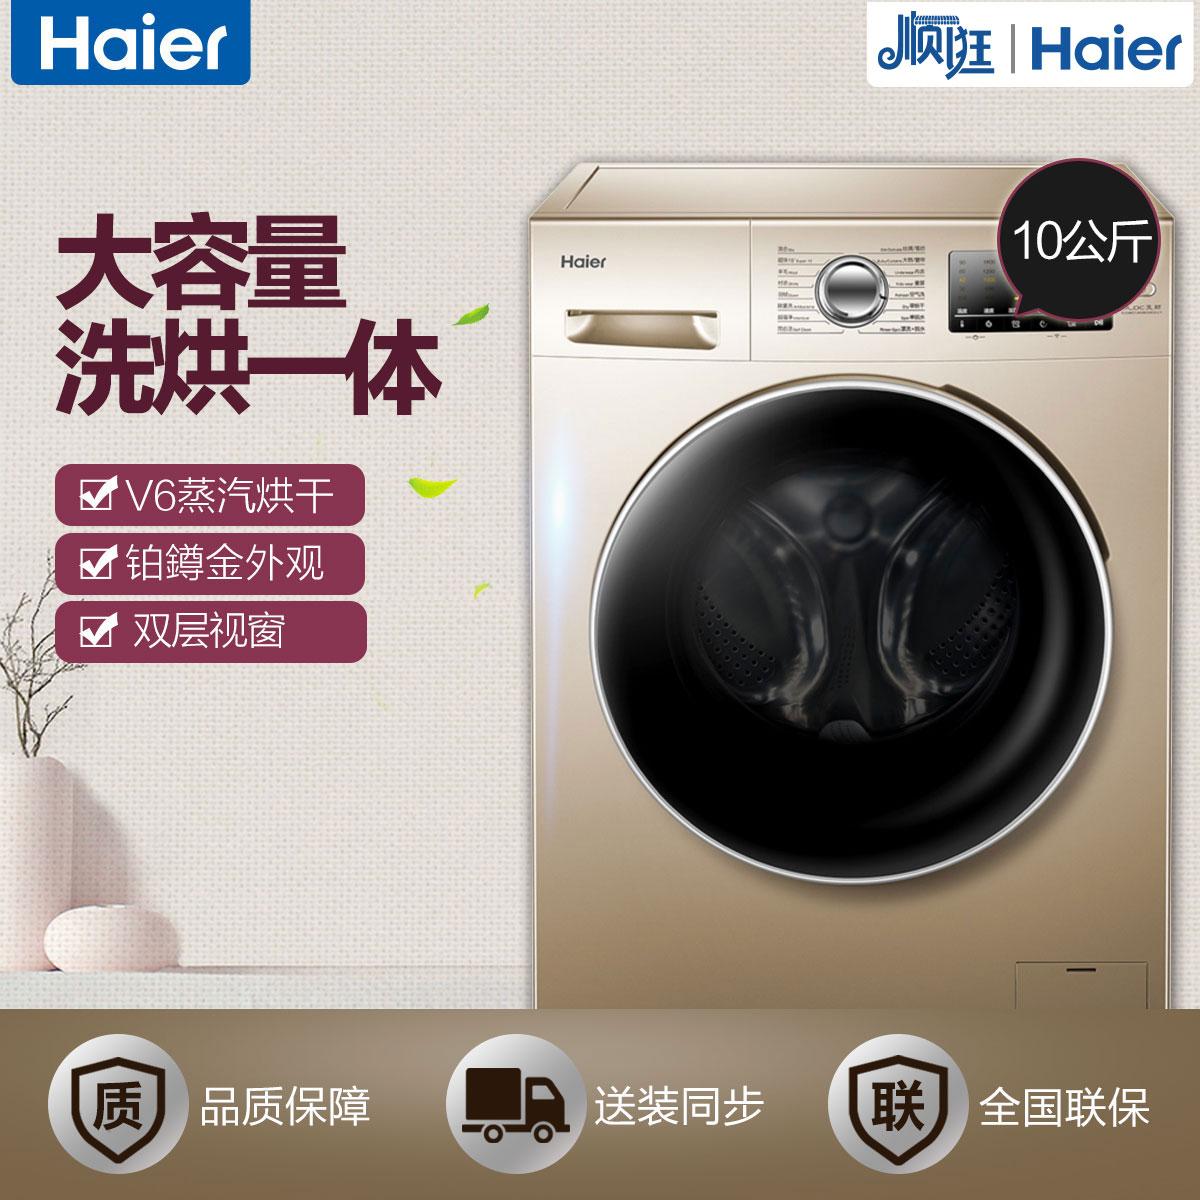 蒸汽洗烘 铂鐏金外观 双层视窗 智能变频 EG10014HBX39GU1 10公斤洗烘一体变频滚筒洗衣机